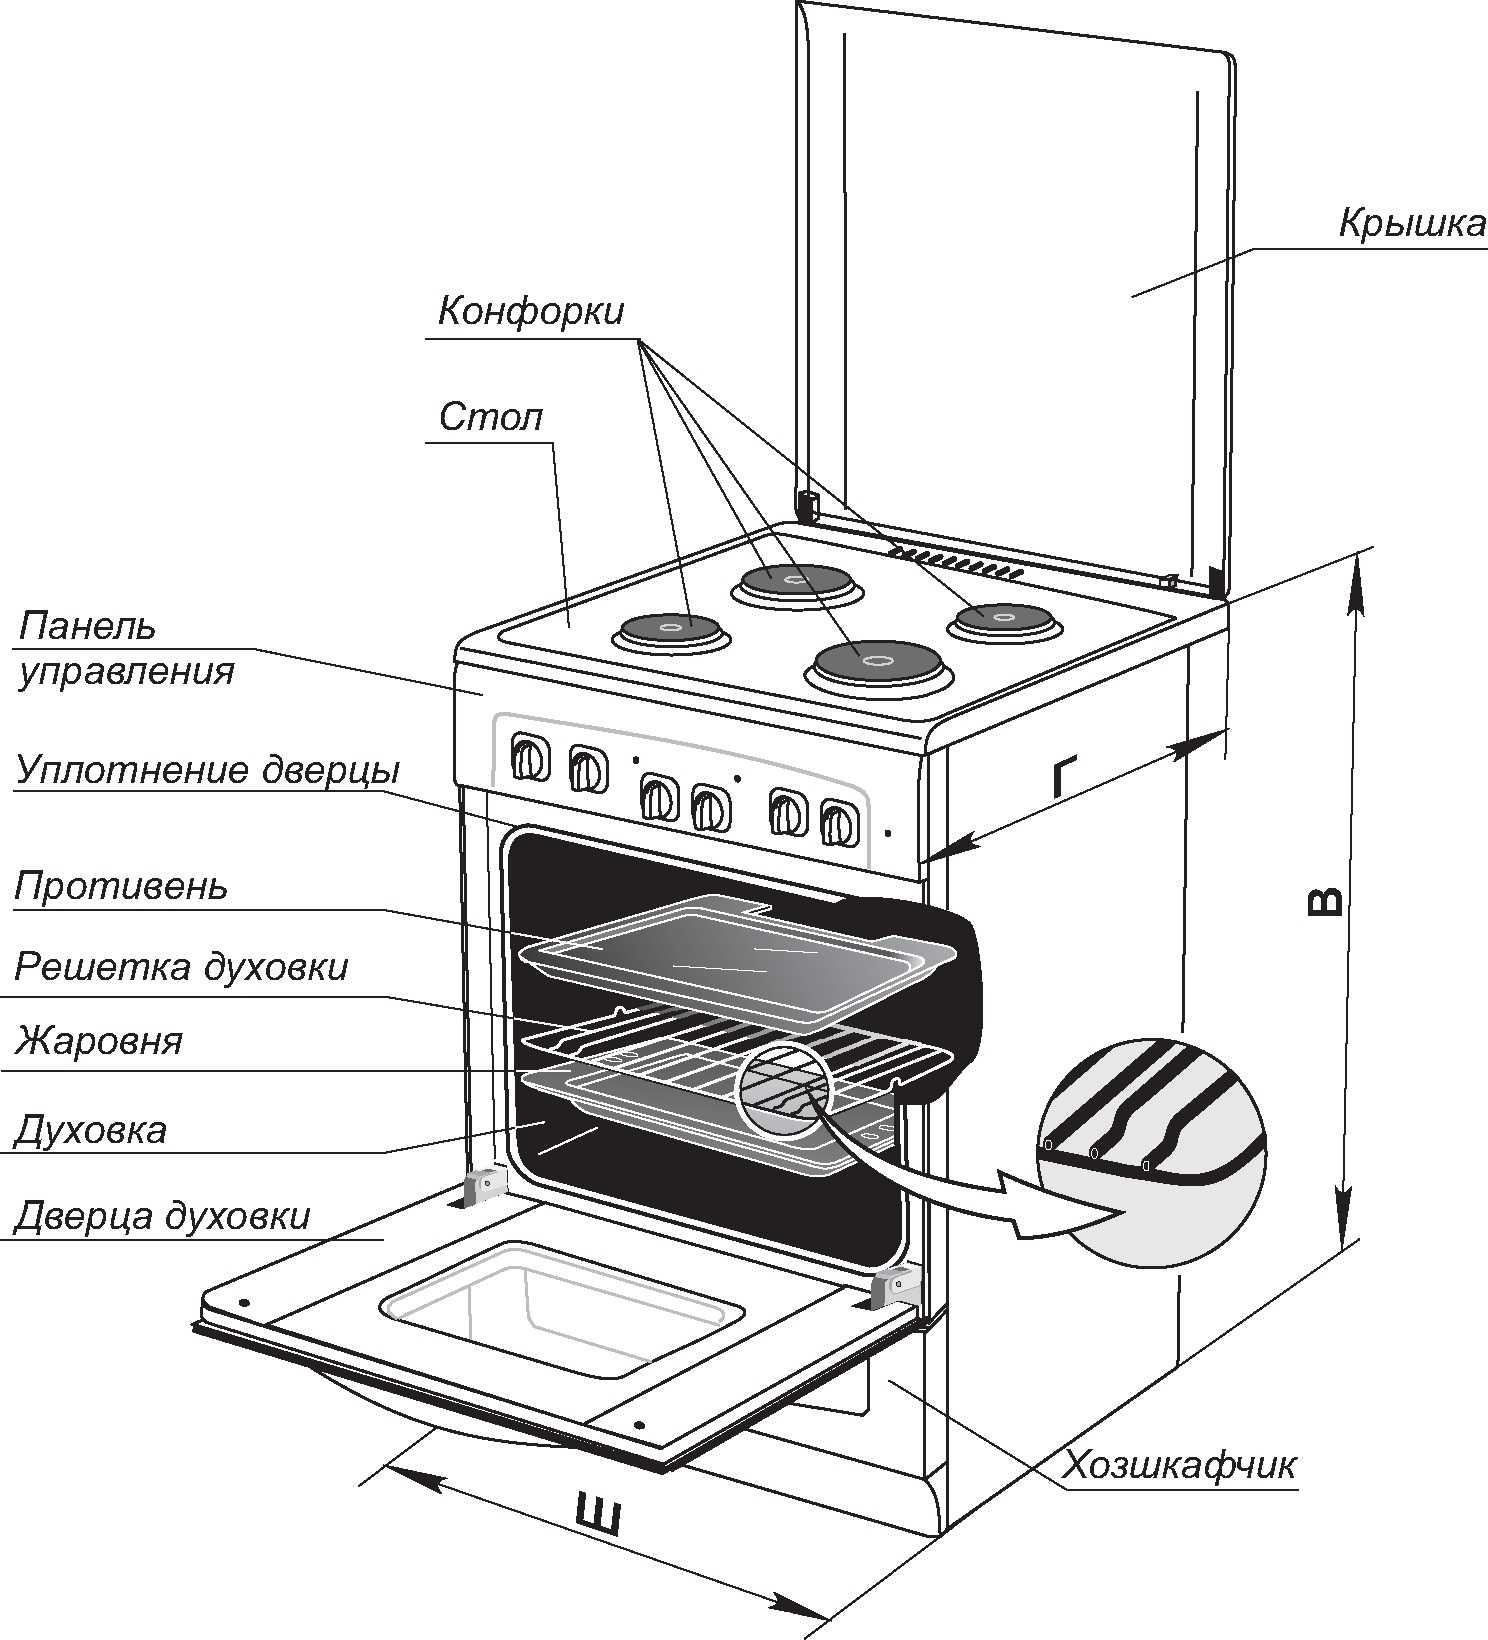 Как правильно выбрать электрическую плиту для кухни?